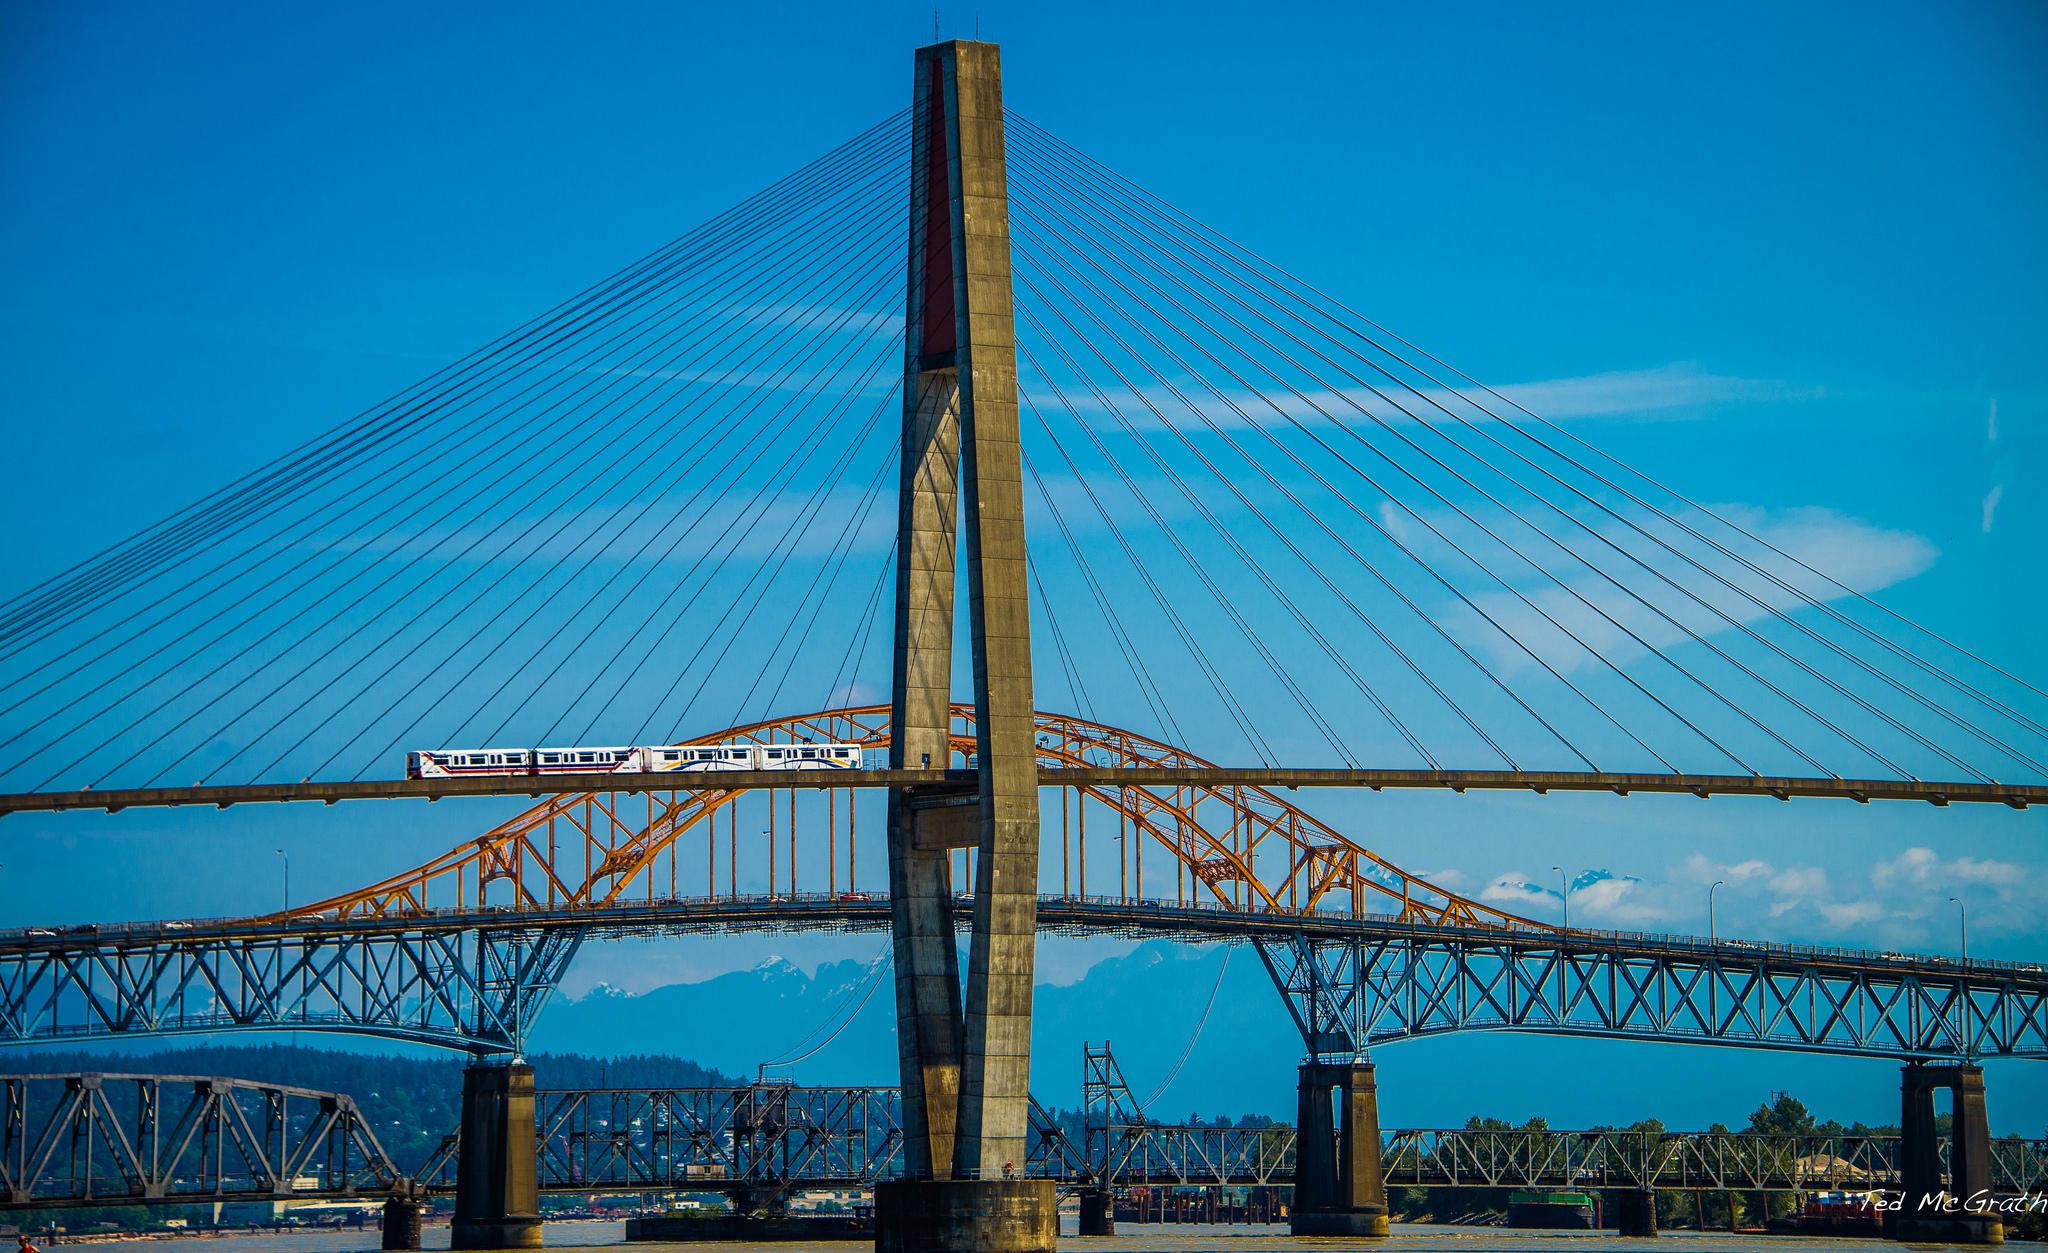 Le SkyTrain de Vancouver traversant le SkyBridge